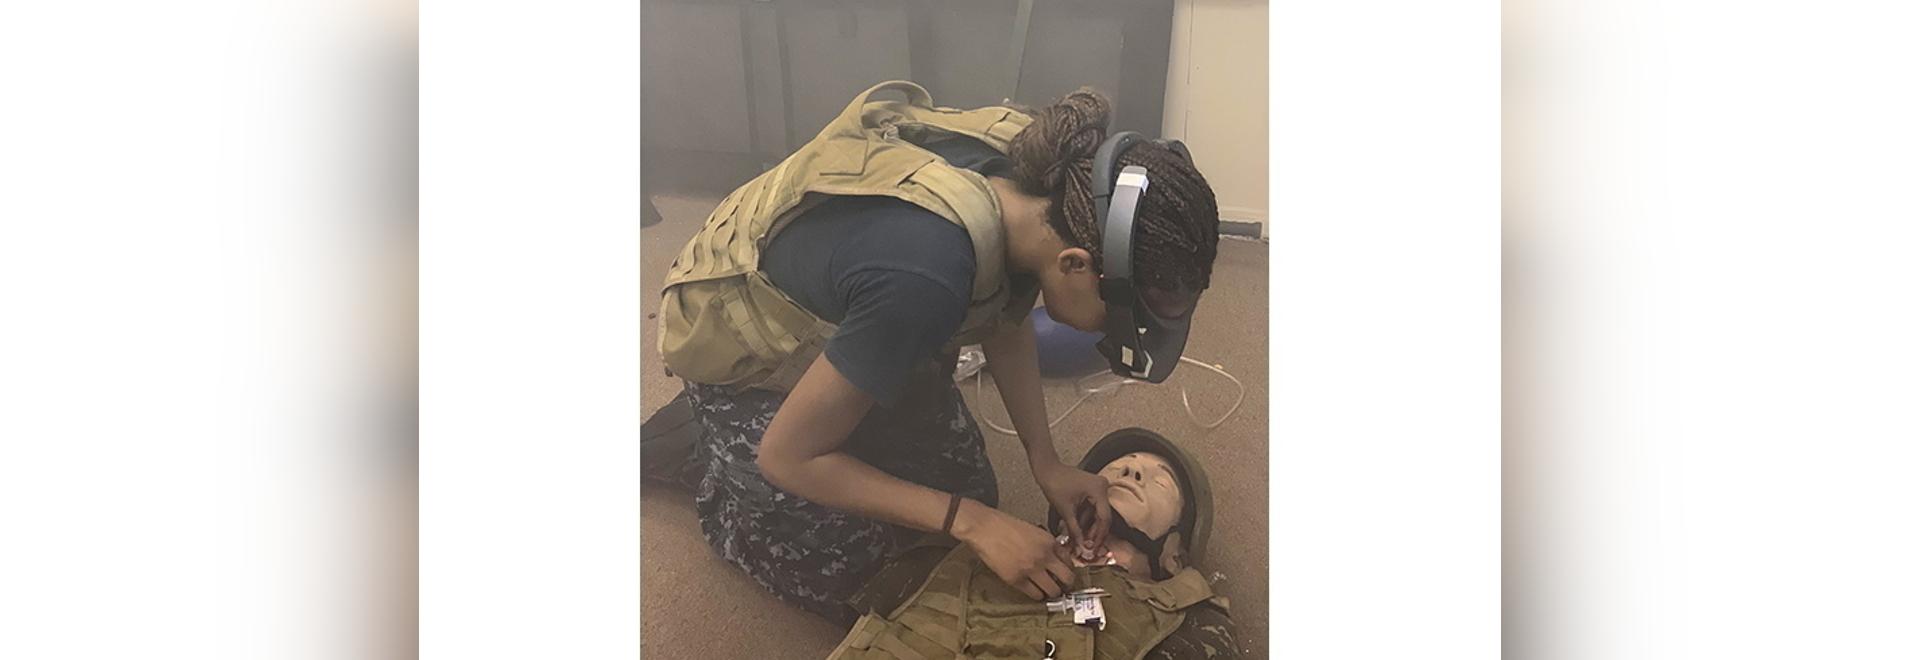 La telemedicina de realidad aumentada ha demostrado ser efectiva en el campo de batalla